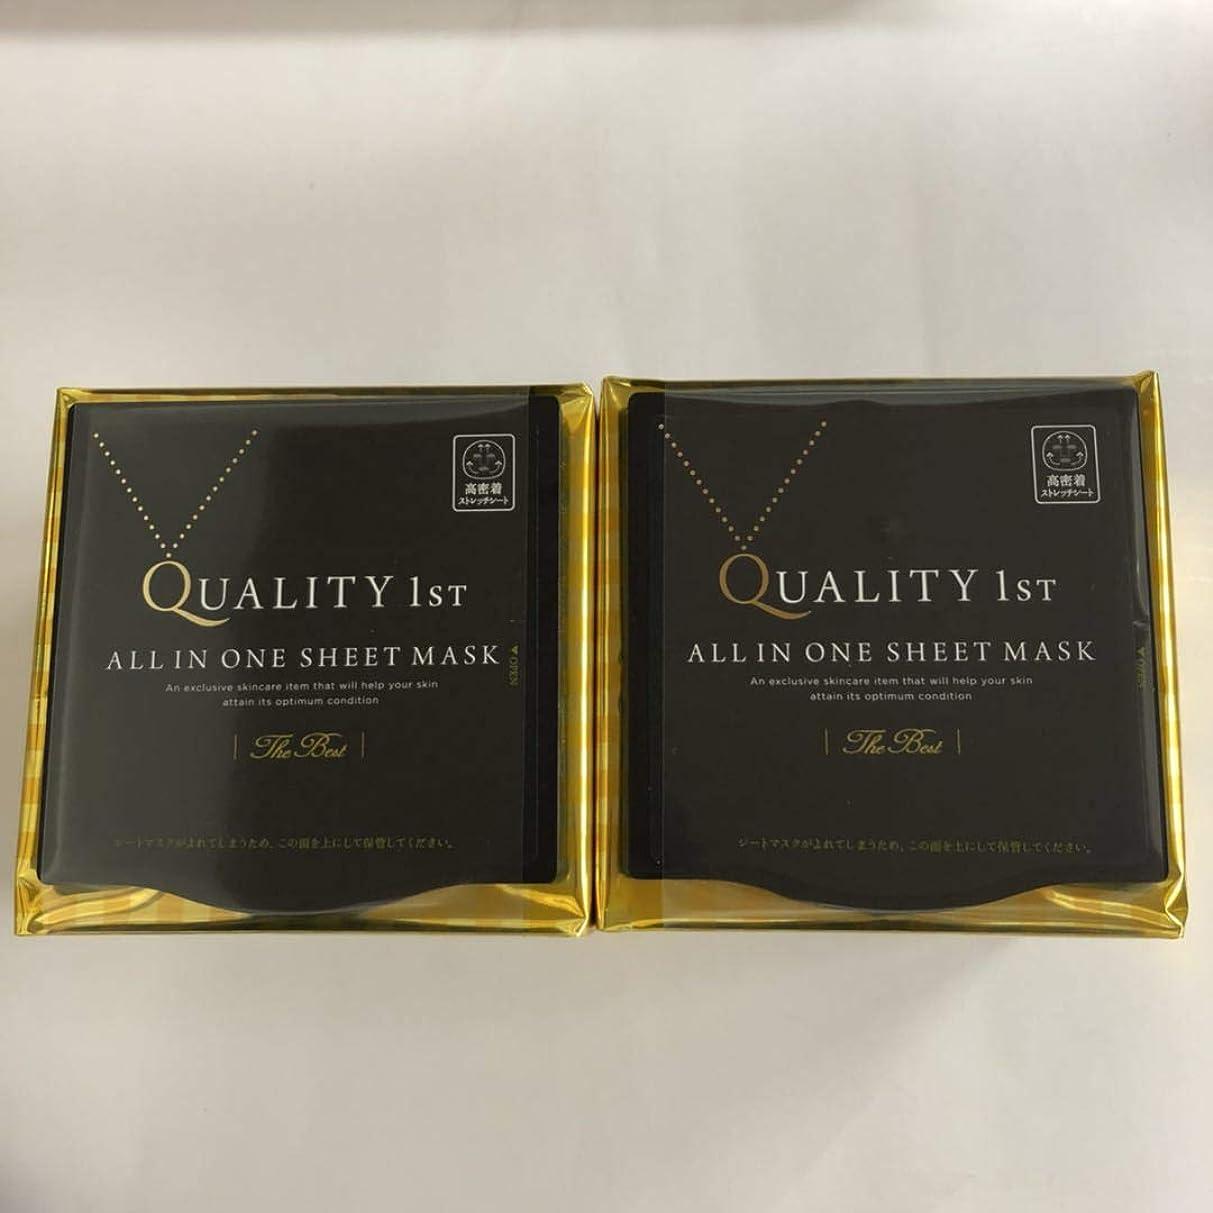 努力する服スピーカーオールインワンシートマスク ザ?ベストEX (30枚) BOX 2個セット+角質ケアサンプル2PC